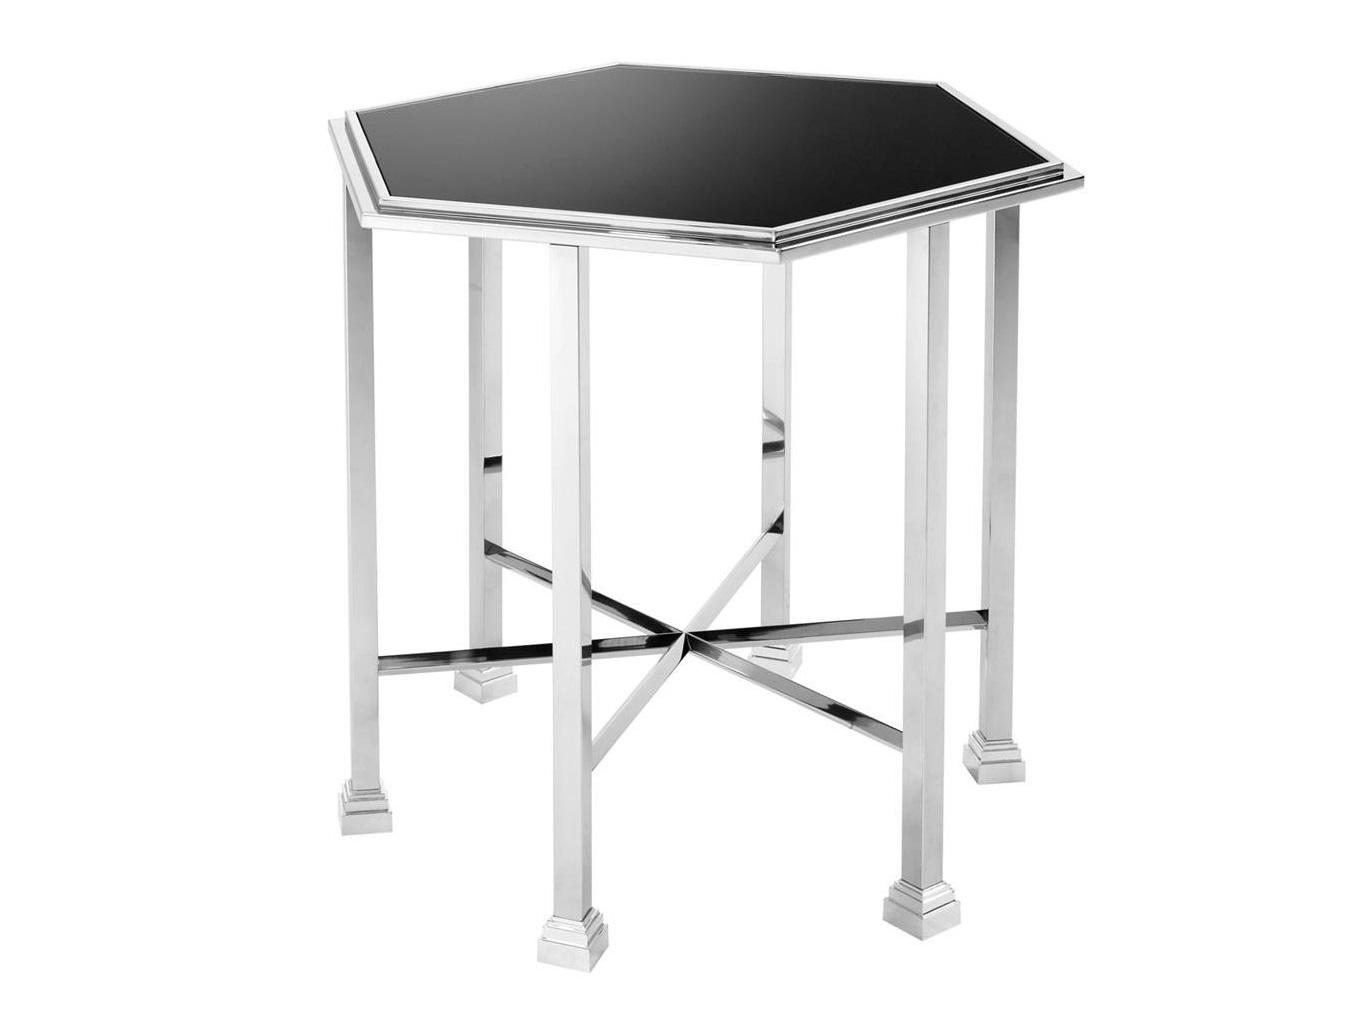 Приставной столик RavelloПриставные столики<br>Приставной столик Ravello с основанием из полированной нержавеющей стали.&amp;amp;nbsp;&amp;lt;div&amp;gt;Столешница из черного стекла.&amp;lt;/div&amp;gt;<br><br>Material: Стекло<br>Ширина см: 71.0<br>Высота см: 65.0<br>Глубина см: 62.0